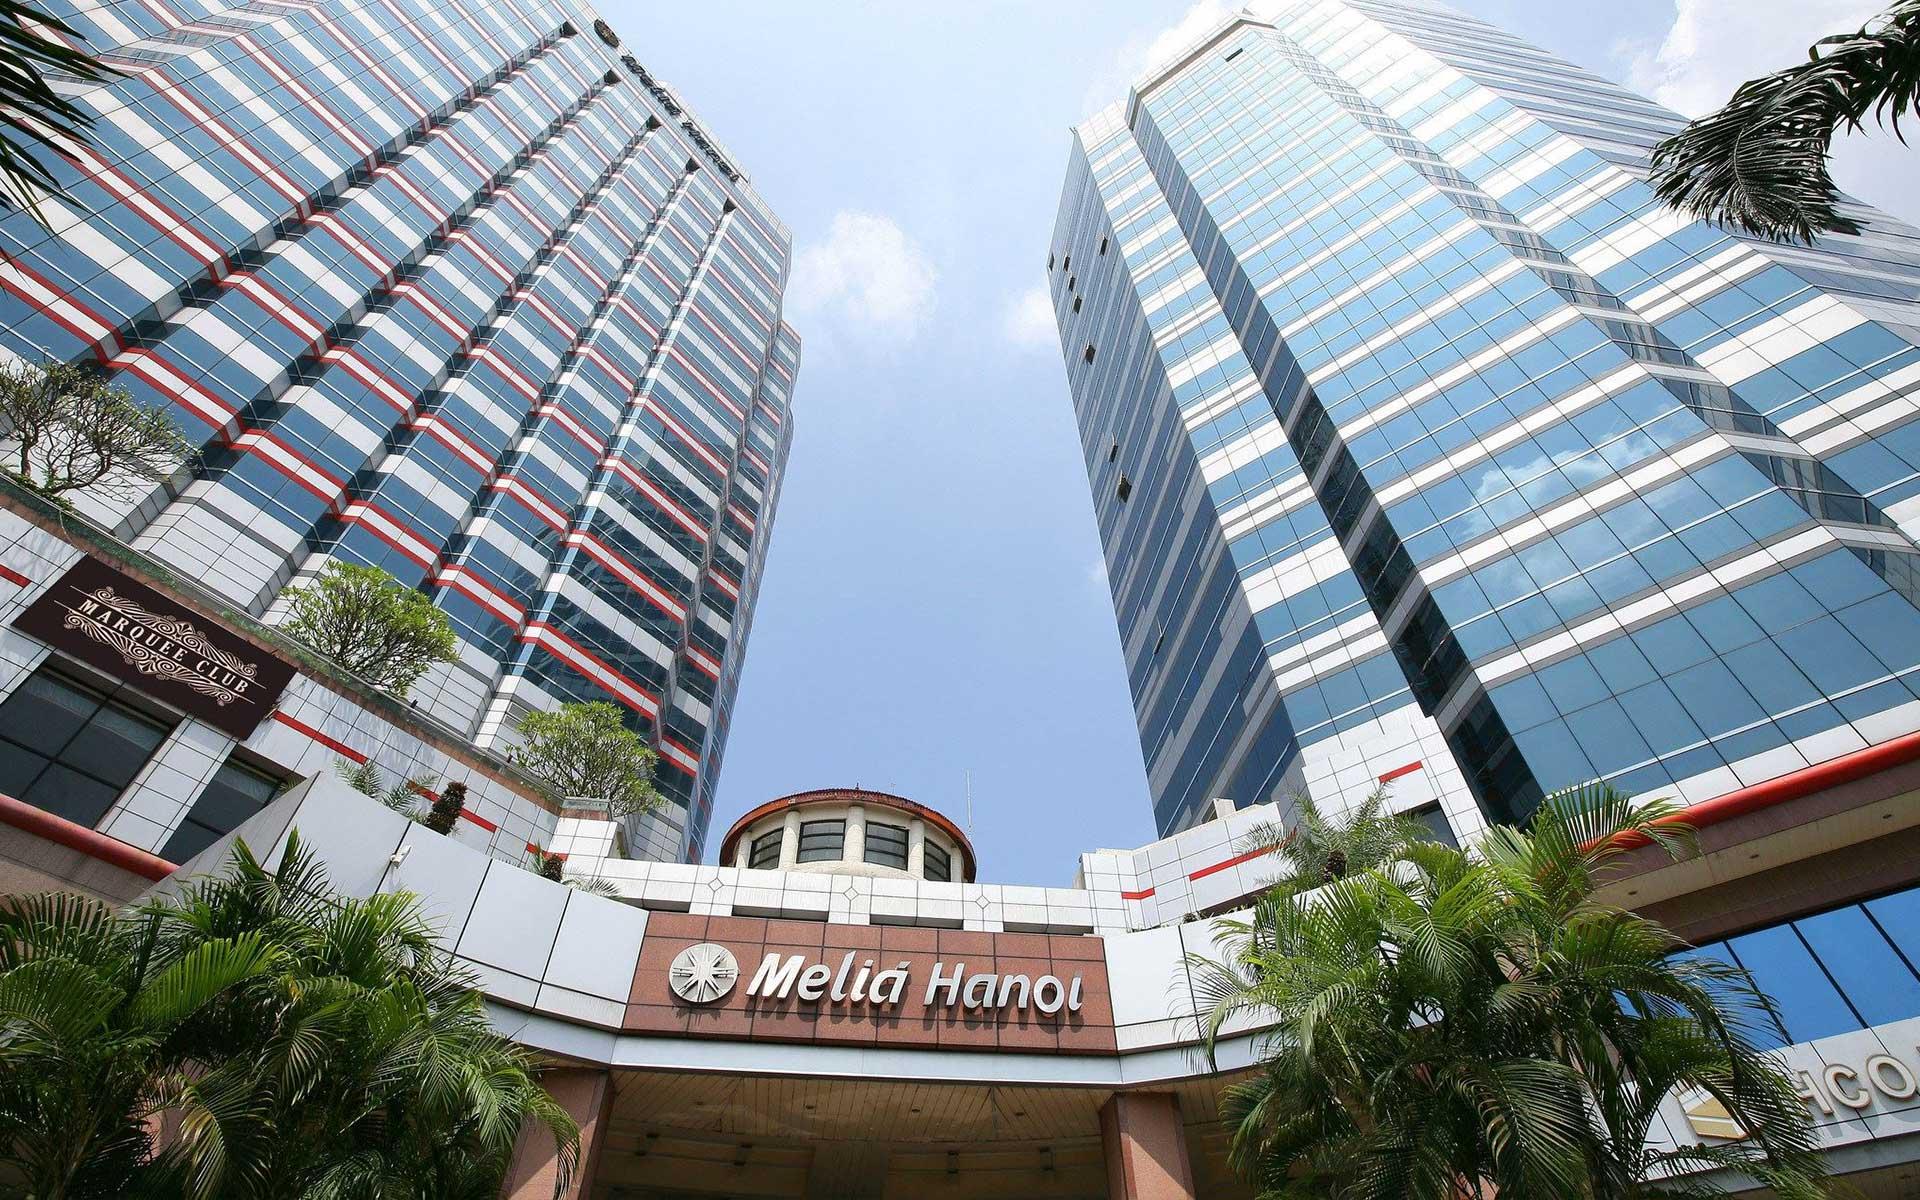 Meliá Hotel Hanoi